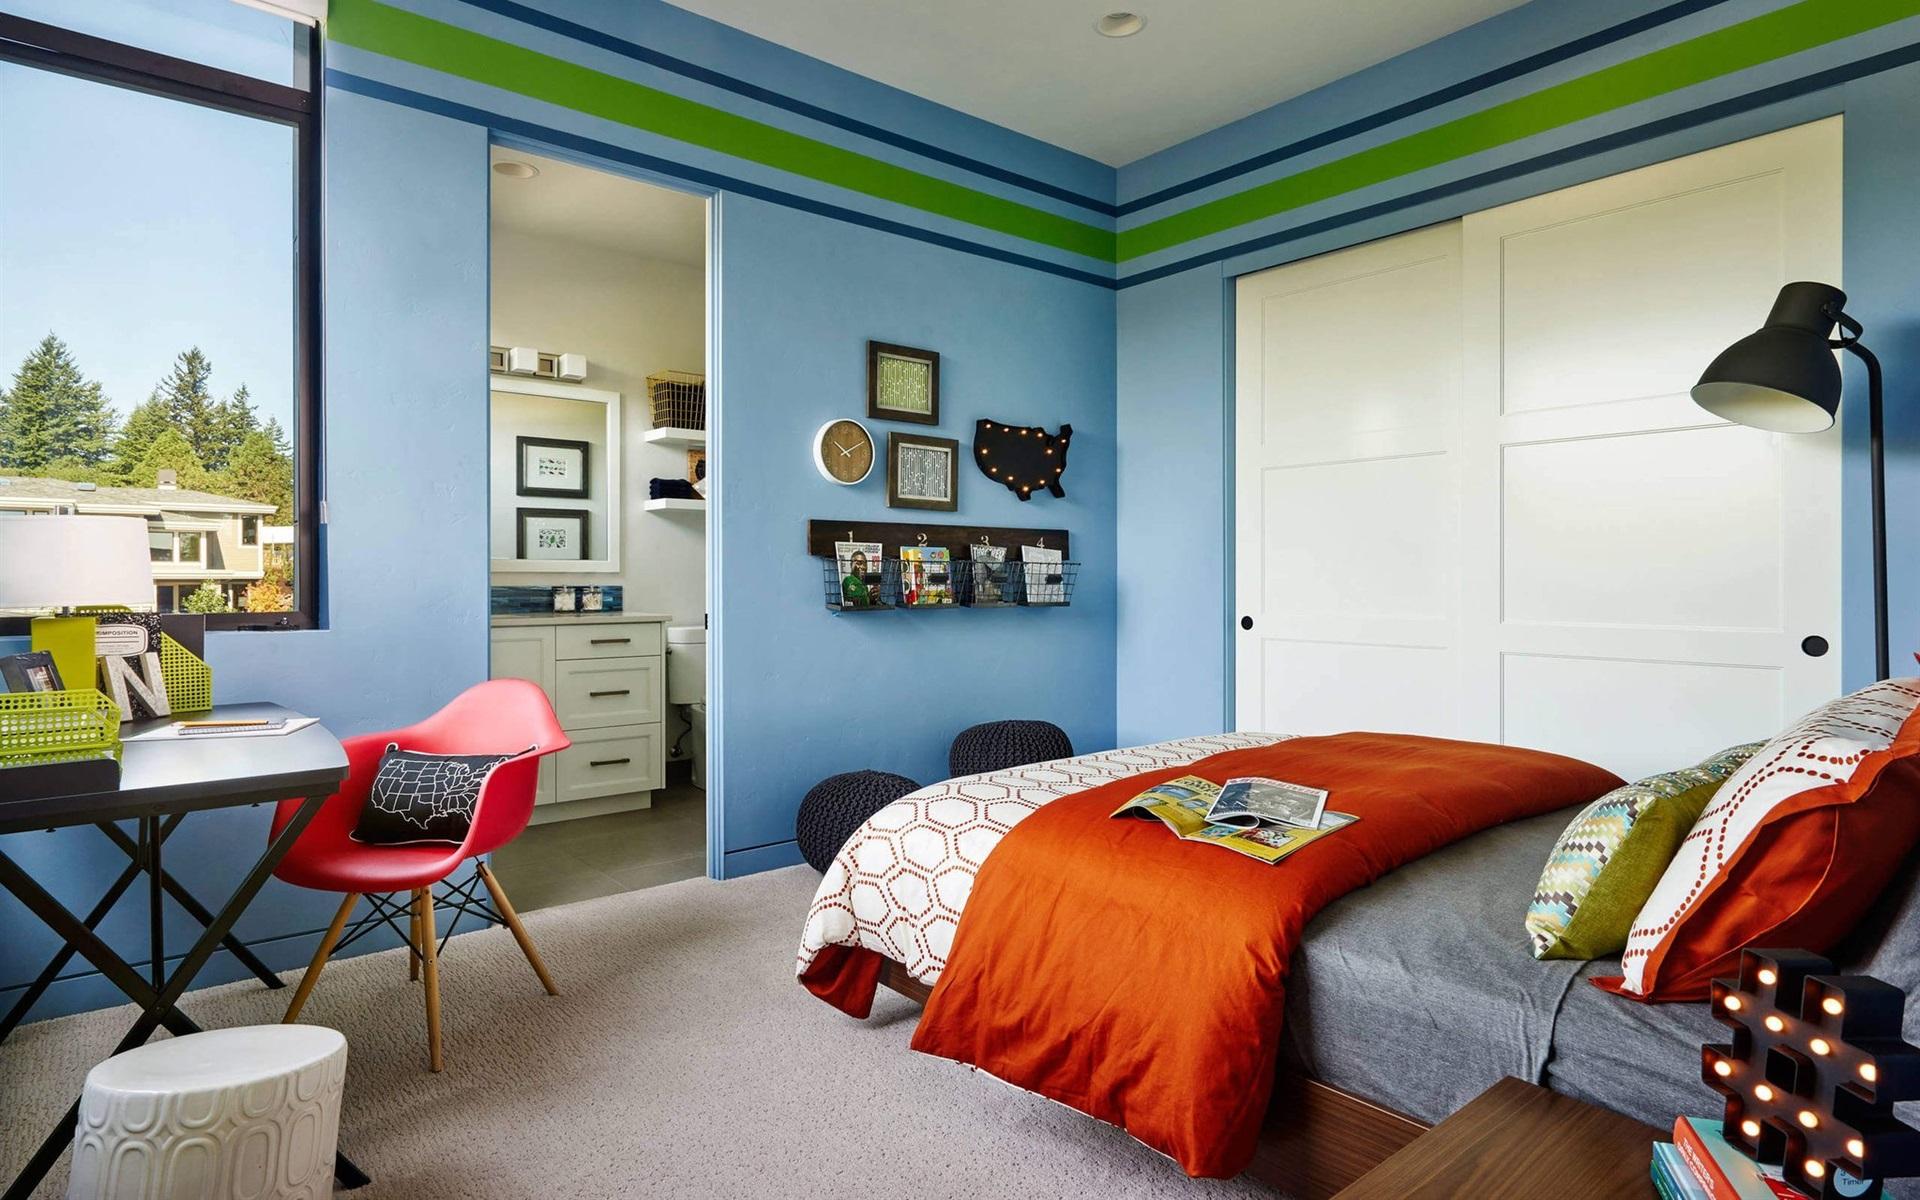 壁紙 ベッドルーム 部屋 ベッド シンプルなスタイル 19x10 Hd 無料のデスクトップの背景 画像